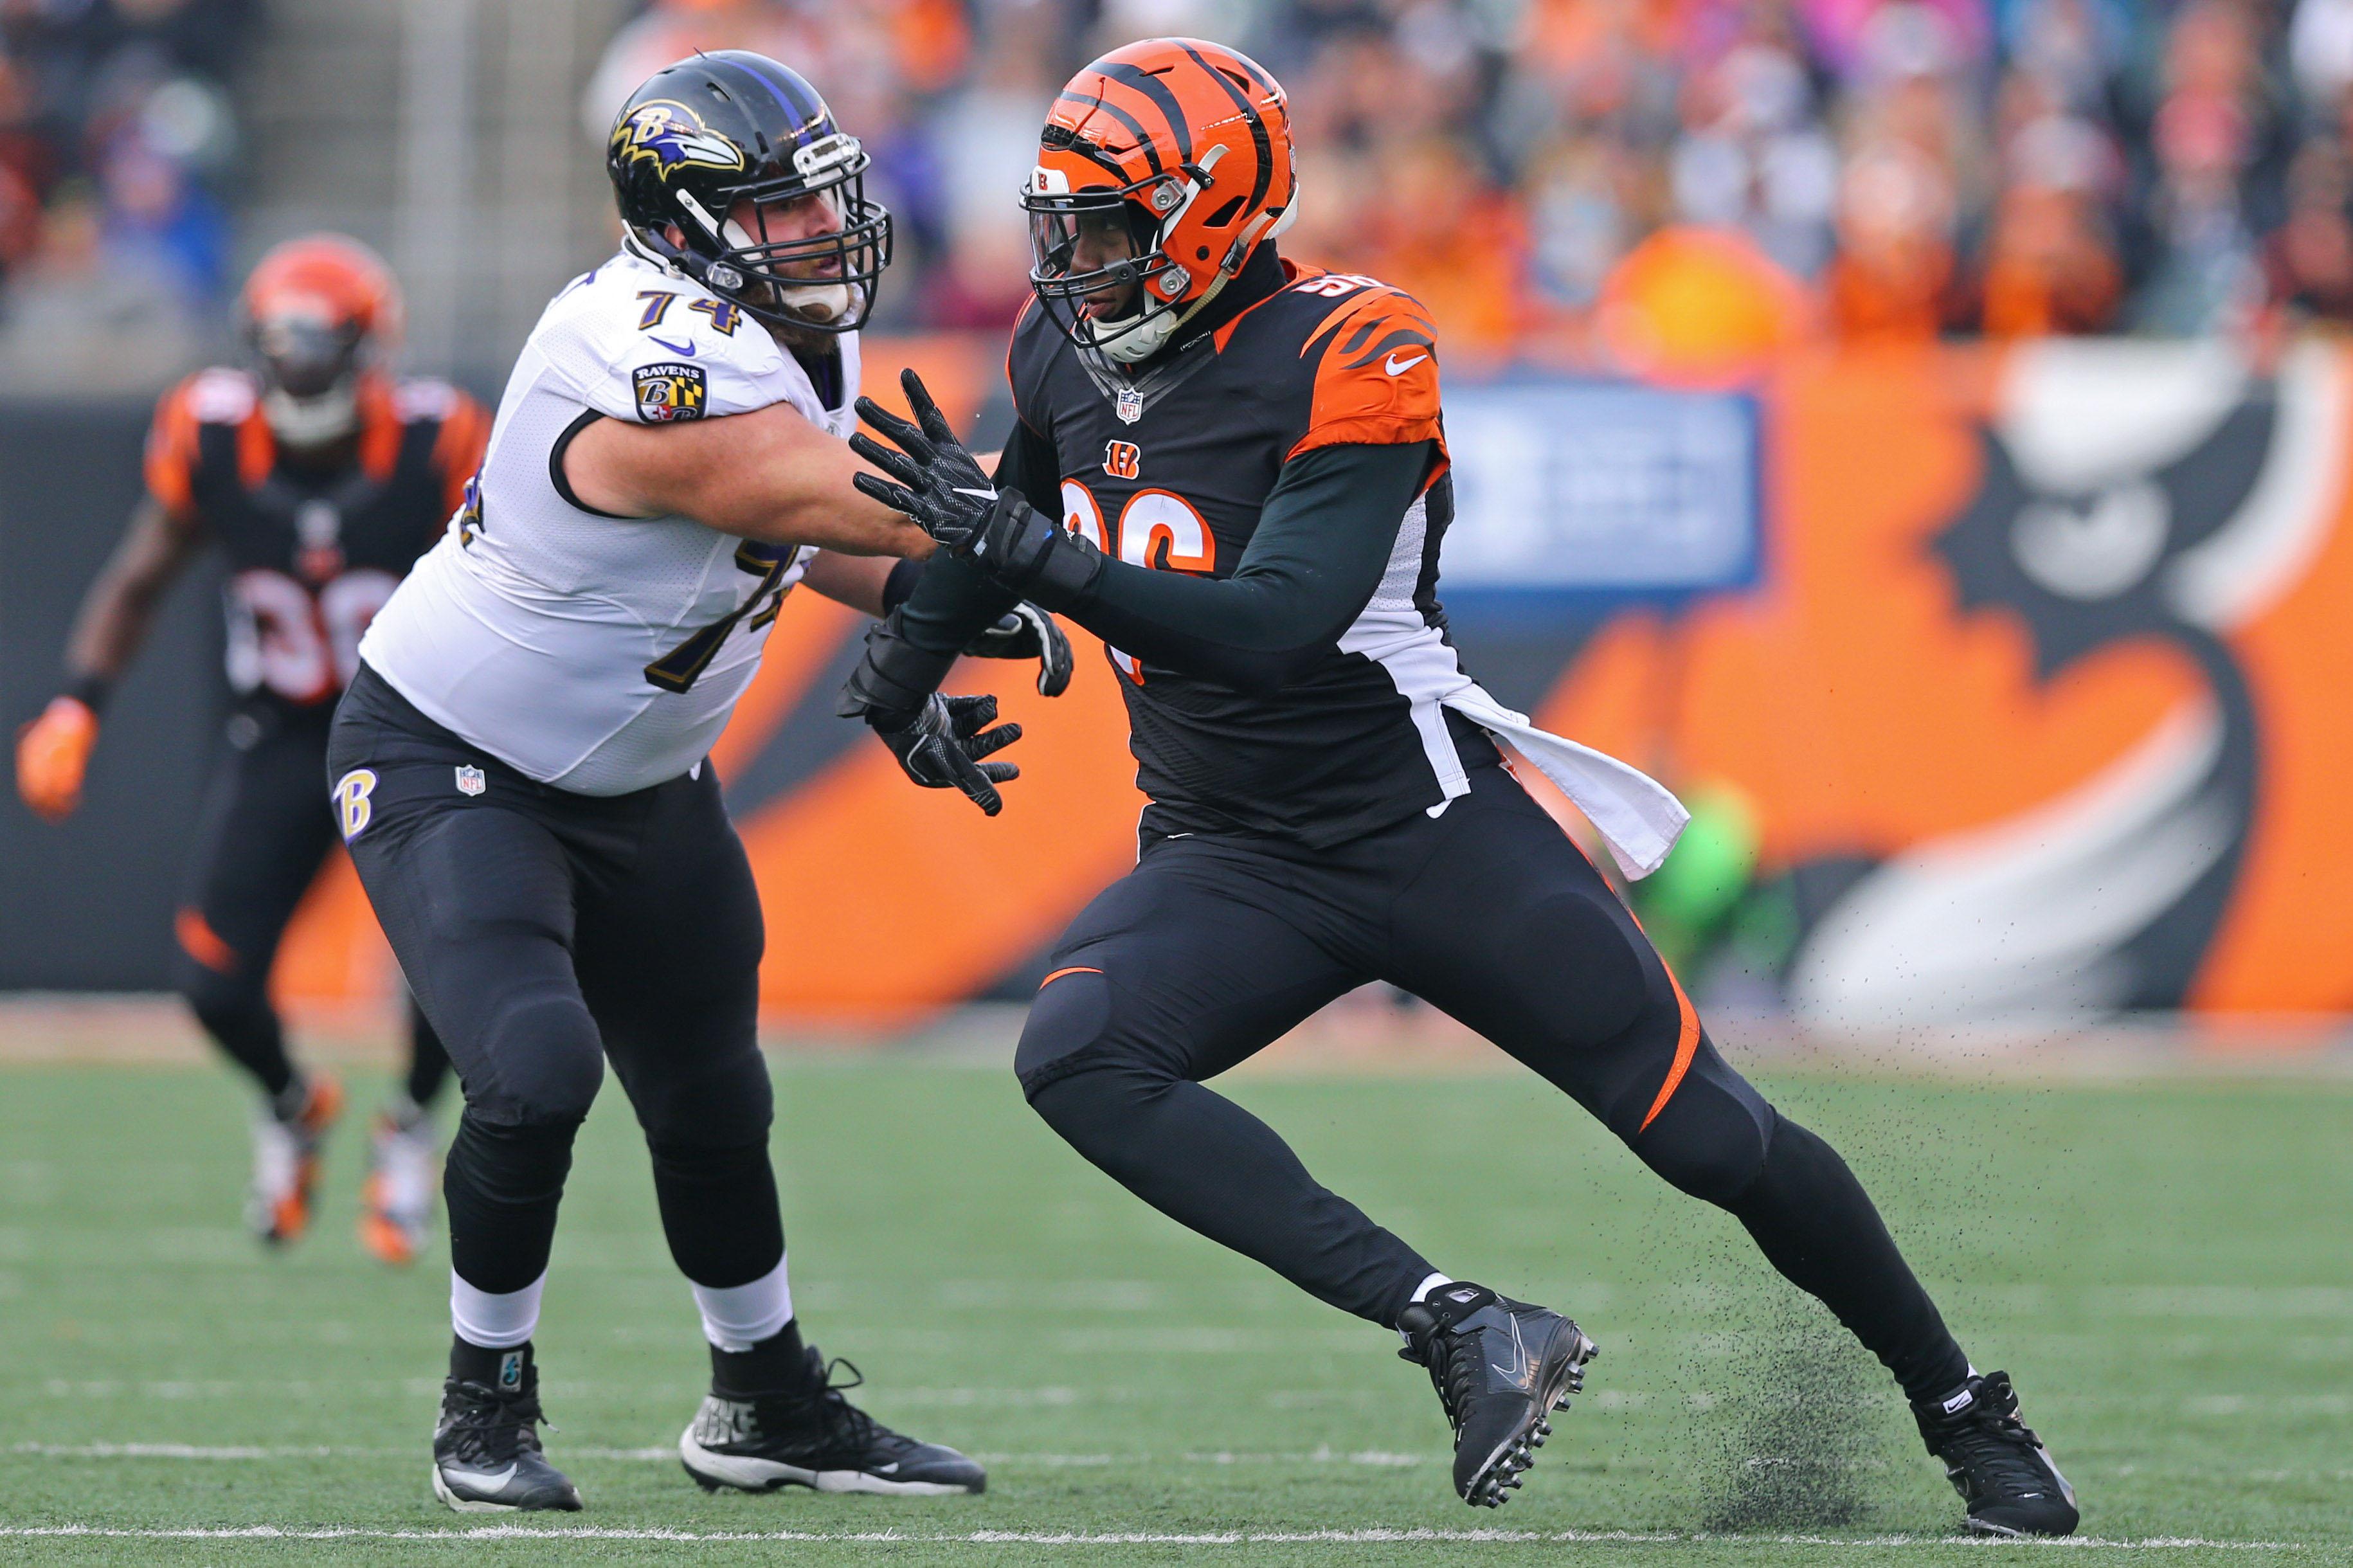 Ravens OL James Hurst Suspended Four Games for Violating NFL Drug Policy